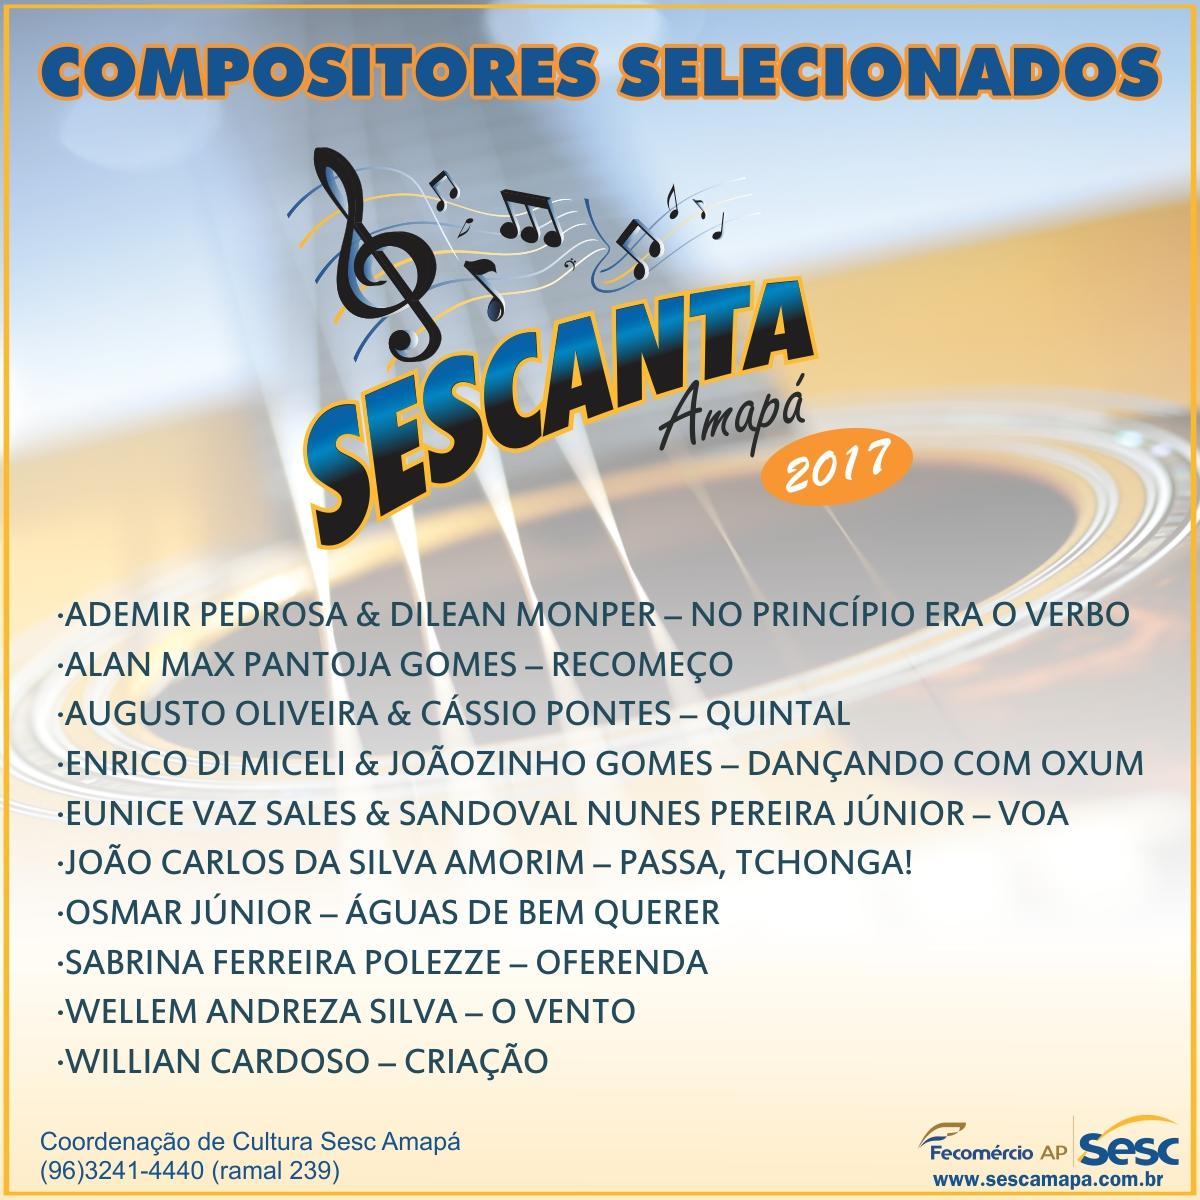 Compositores Classificados para o projeto Sescanta 2017